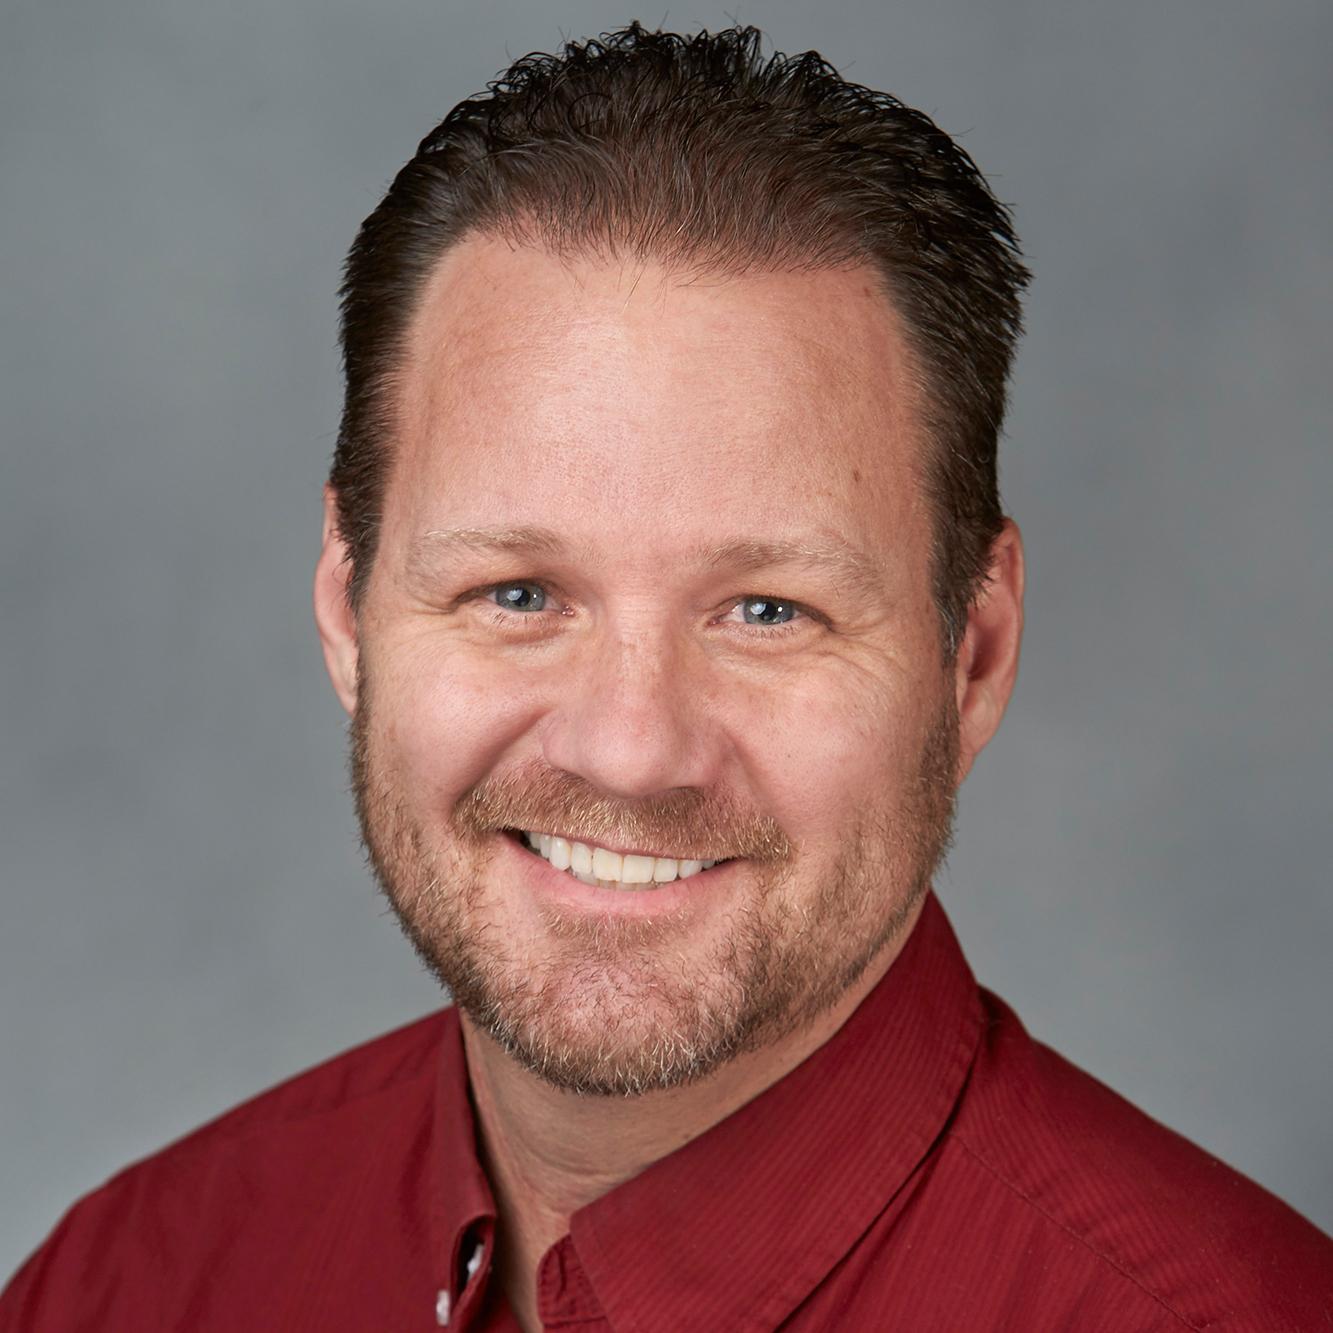 Headshot of Eric Knight